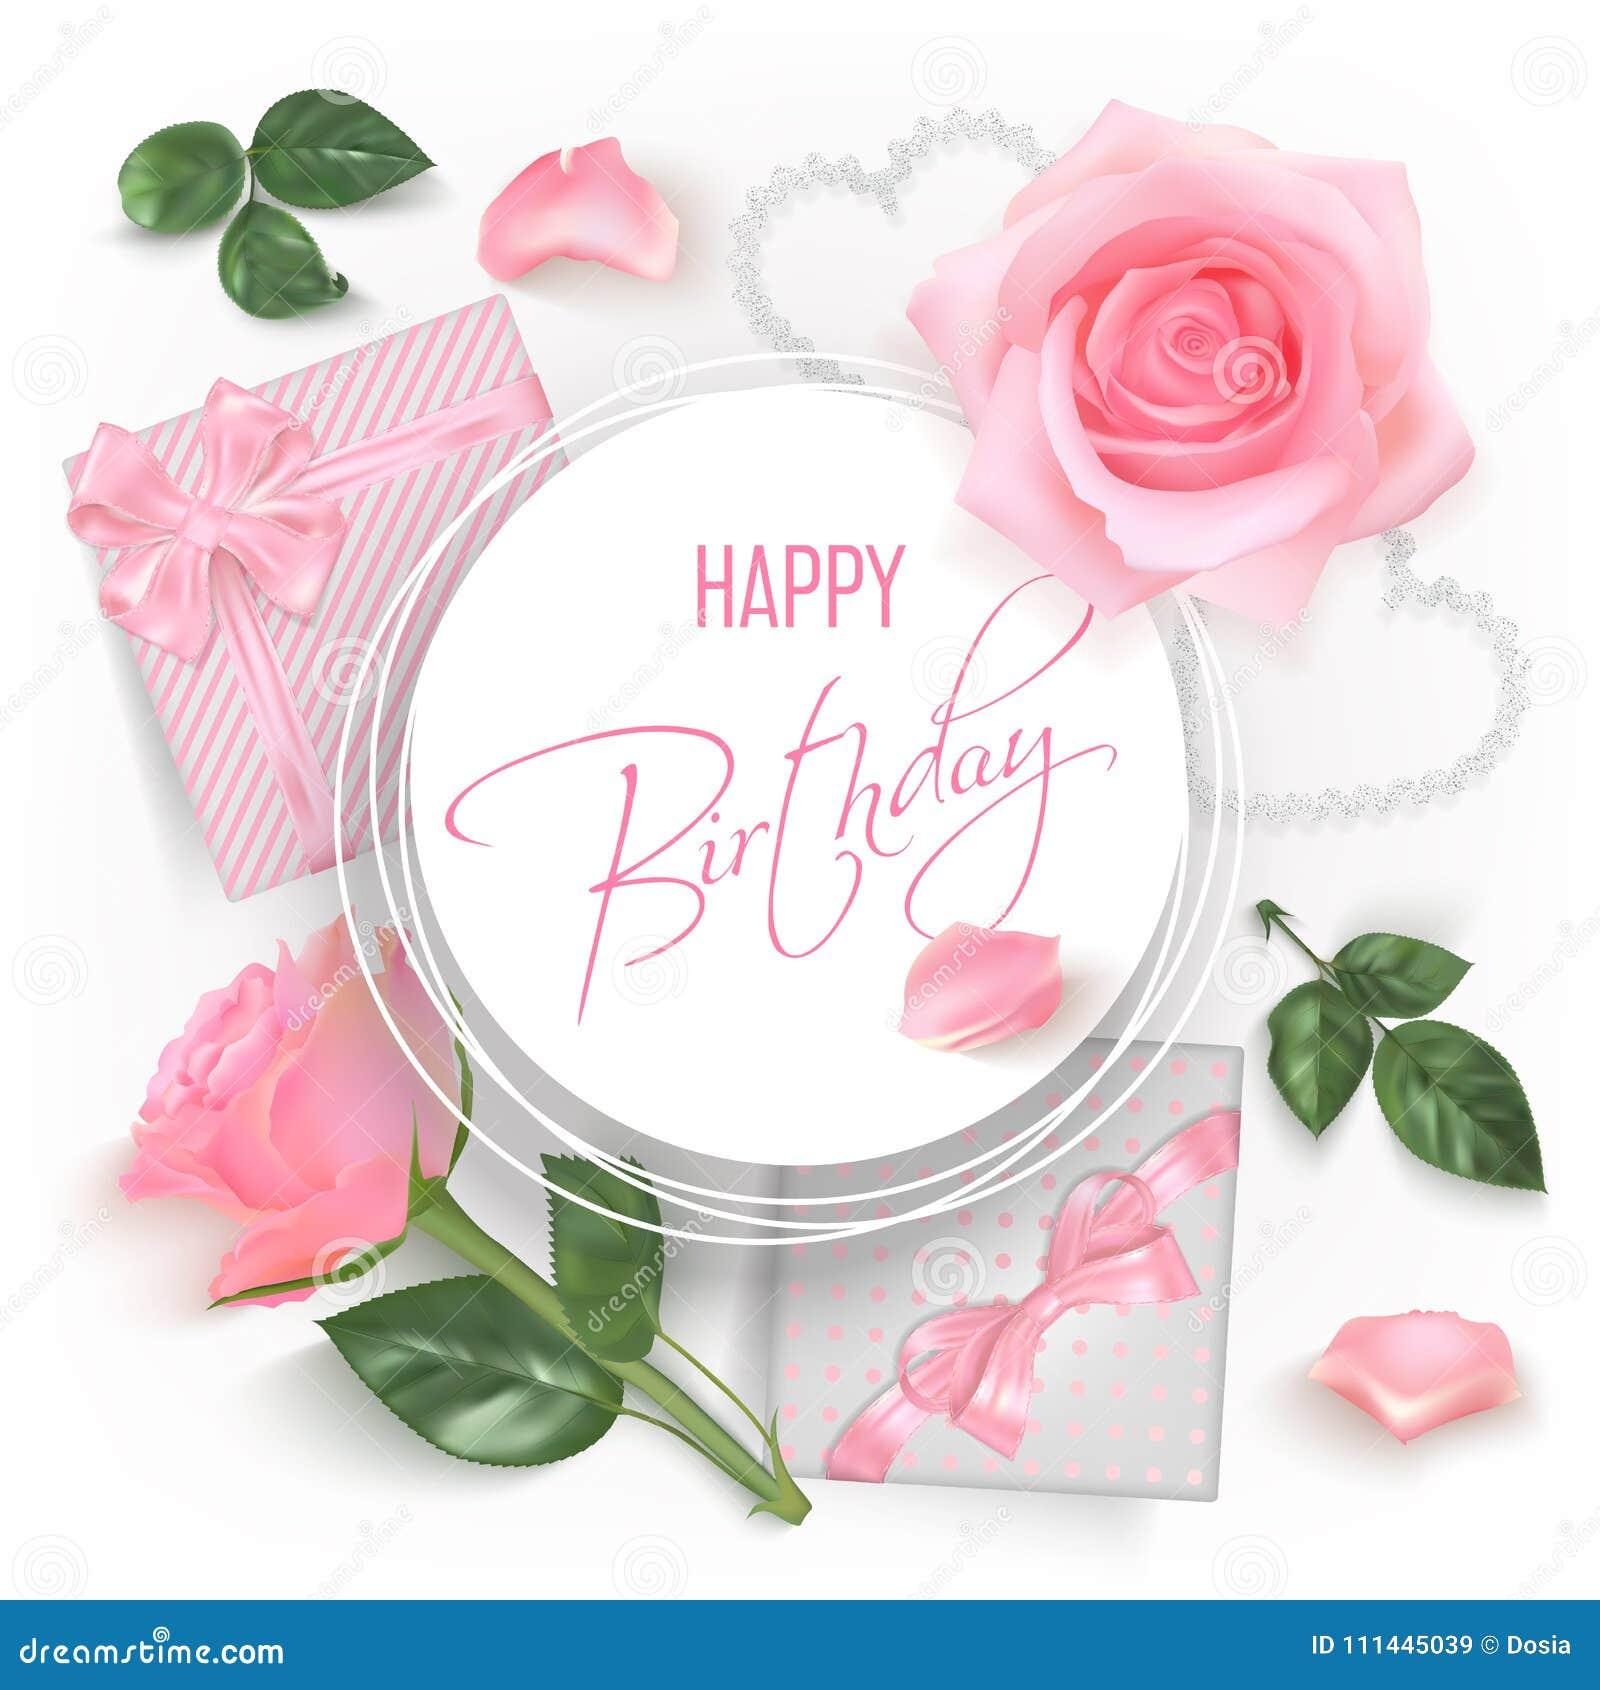 Biglietto Di Auguri Per Il Compleanno Felice Con Le Rose Rosse